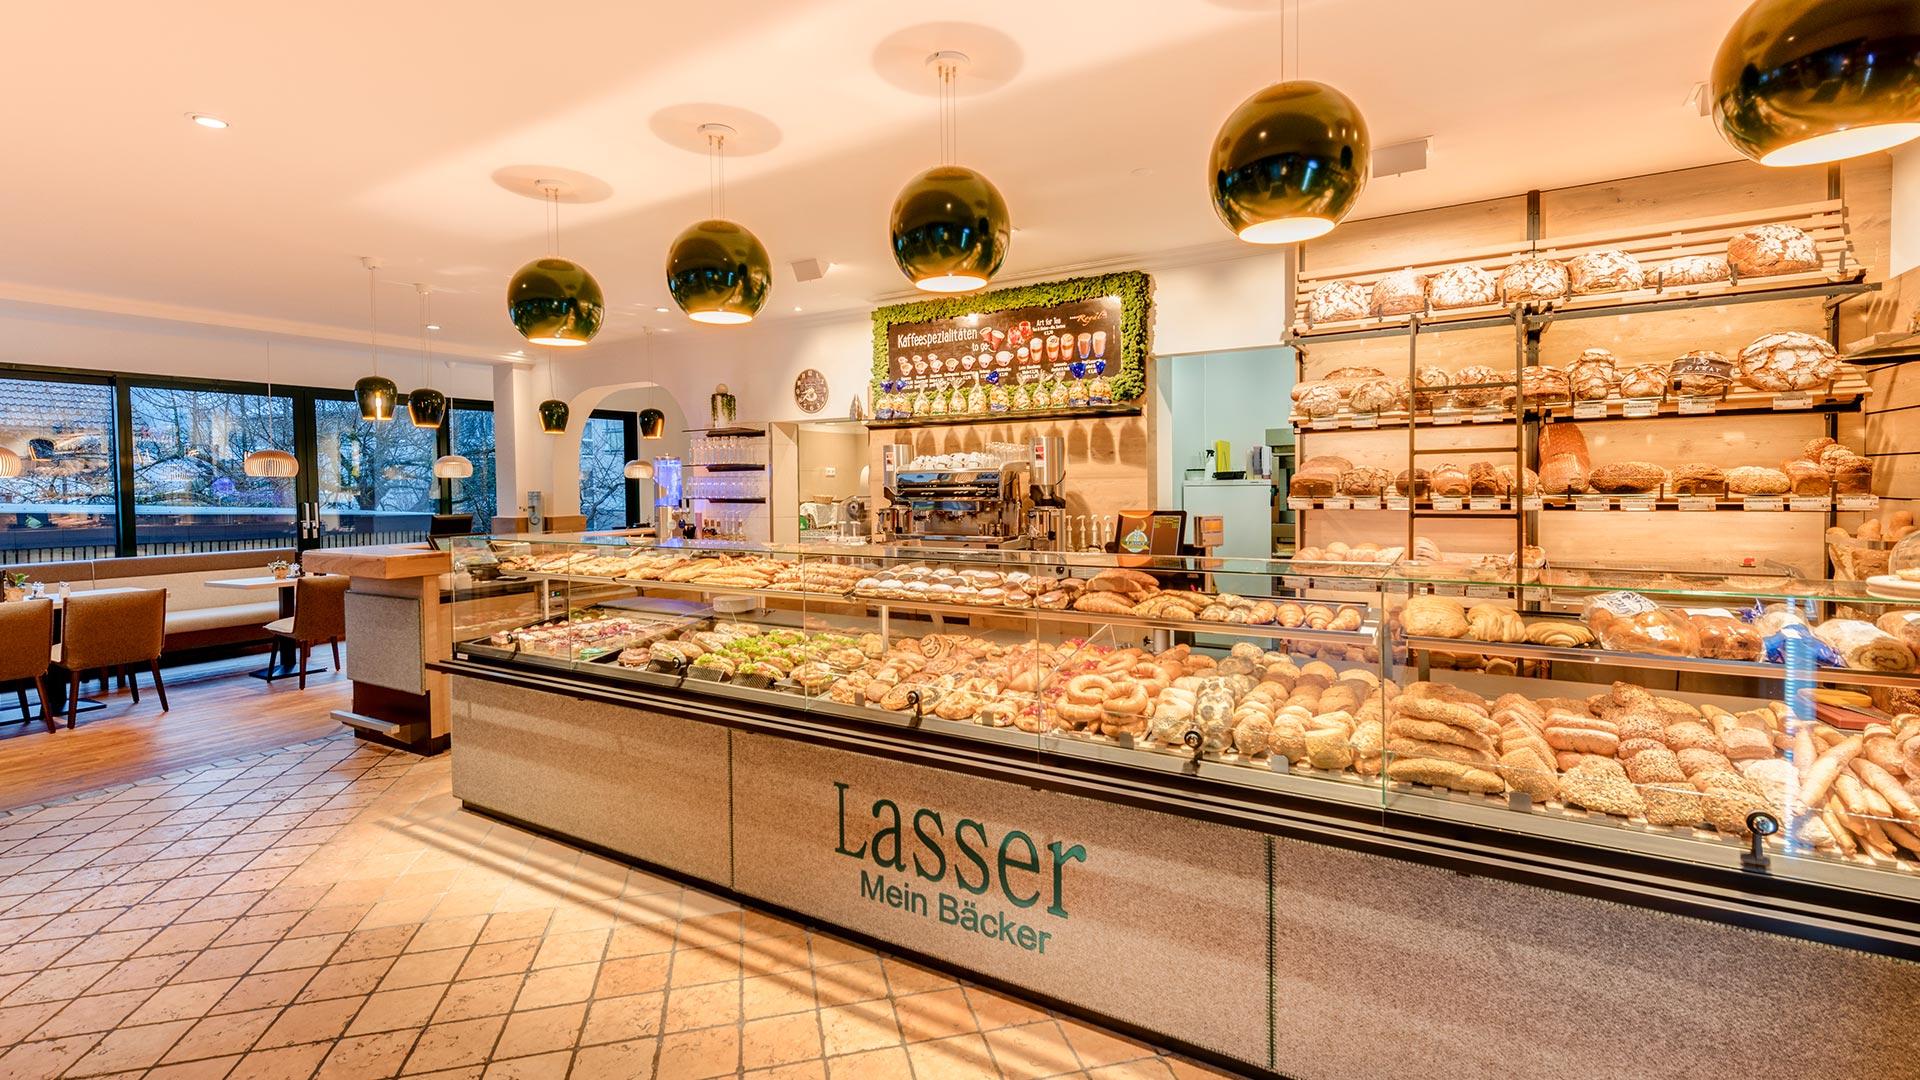 بازسازی داخلی شیرینی فروشی